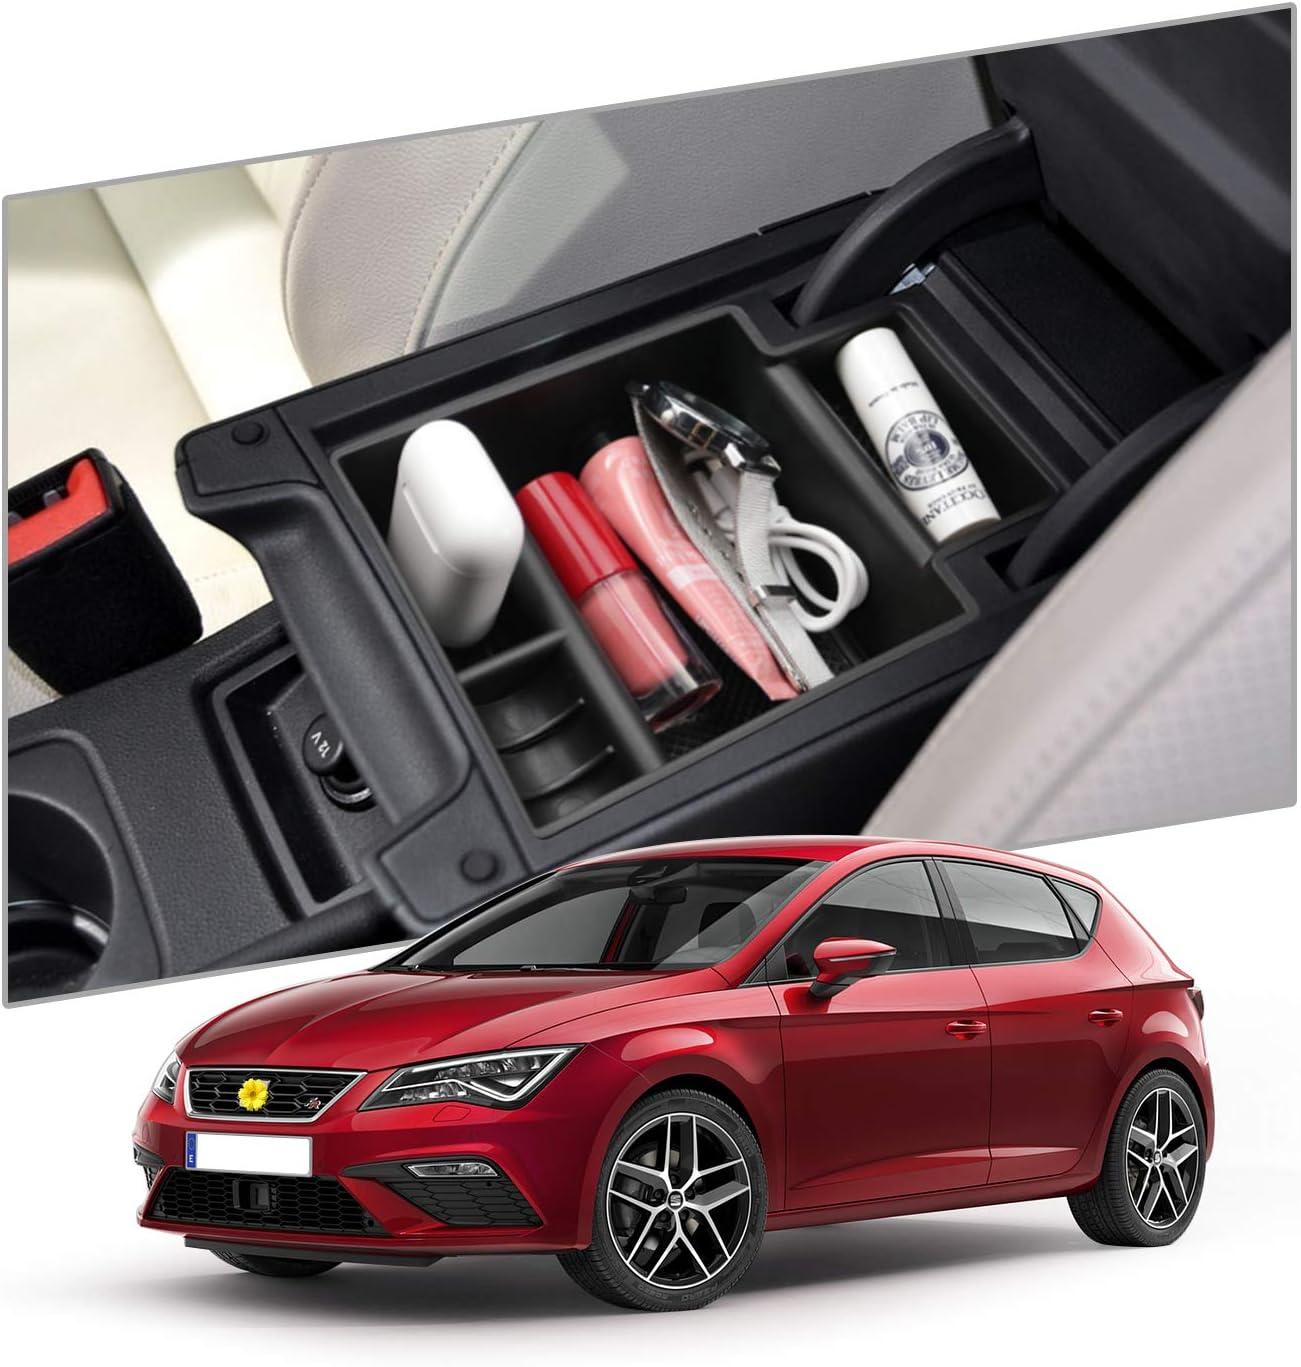 CDEFG Handschuhfach Armlehne Multifunktionaler Aufbewahrun f/ür Seat Leon 2013-2019 Auto Center Console Organizer Tray